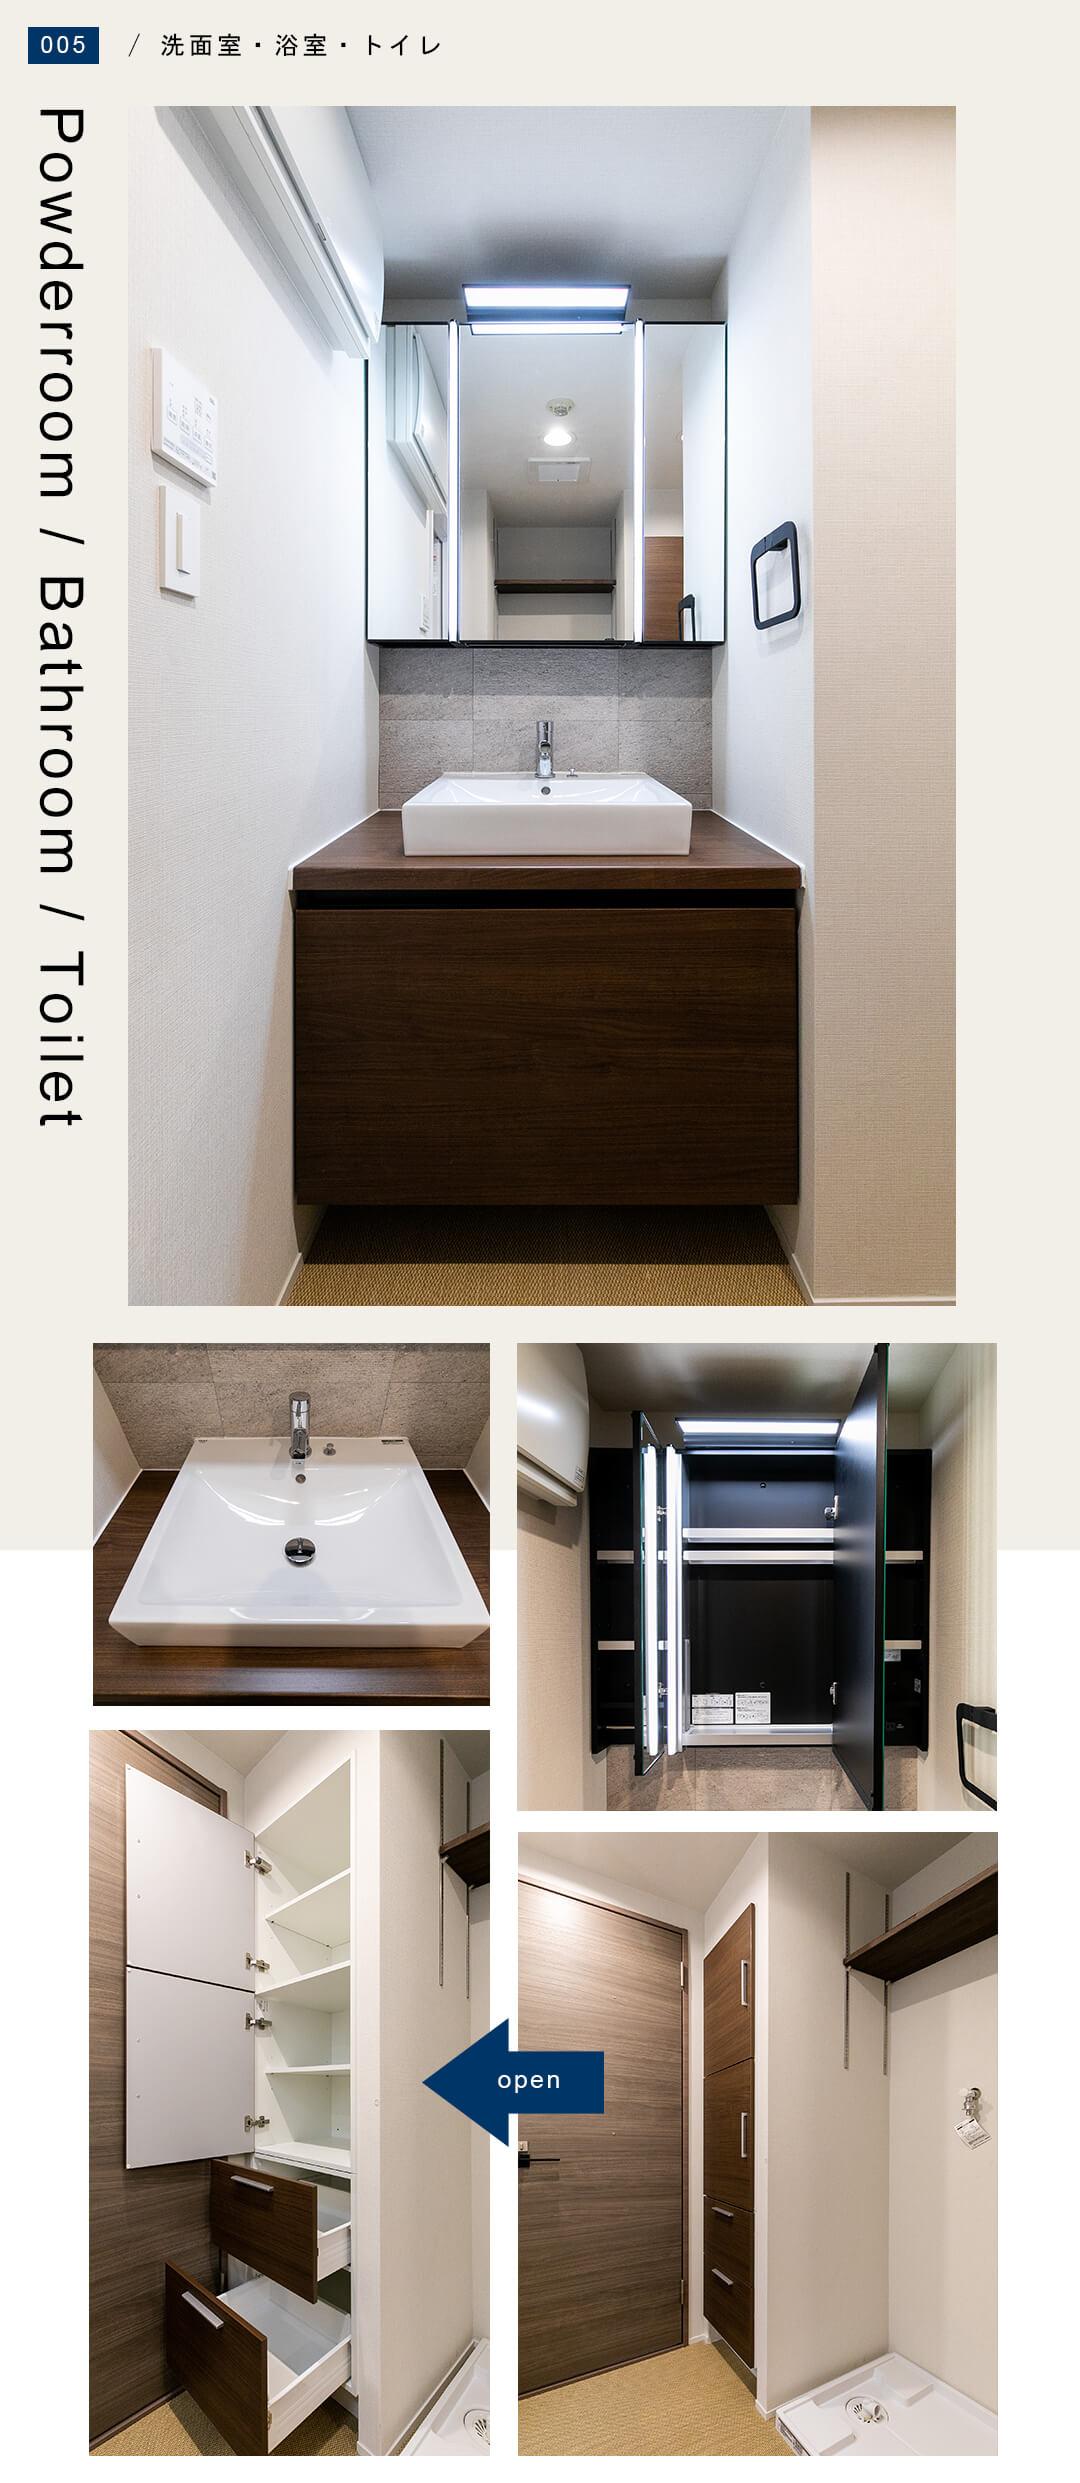 ライオンズマンション新宿柏木 404の洗面室